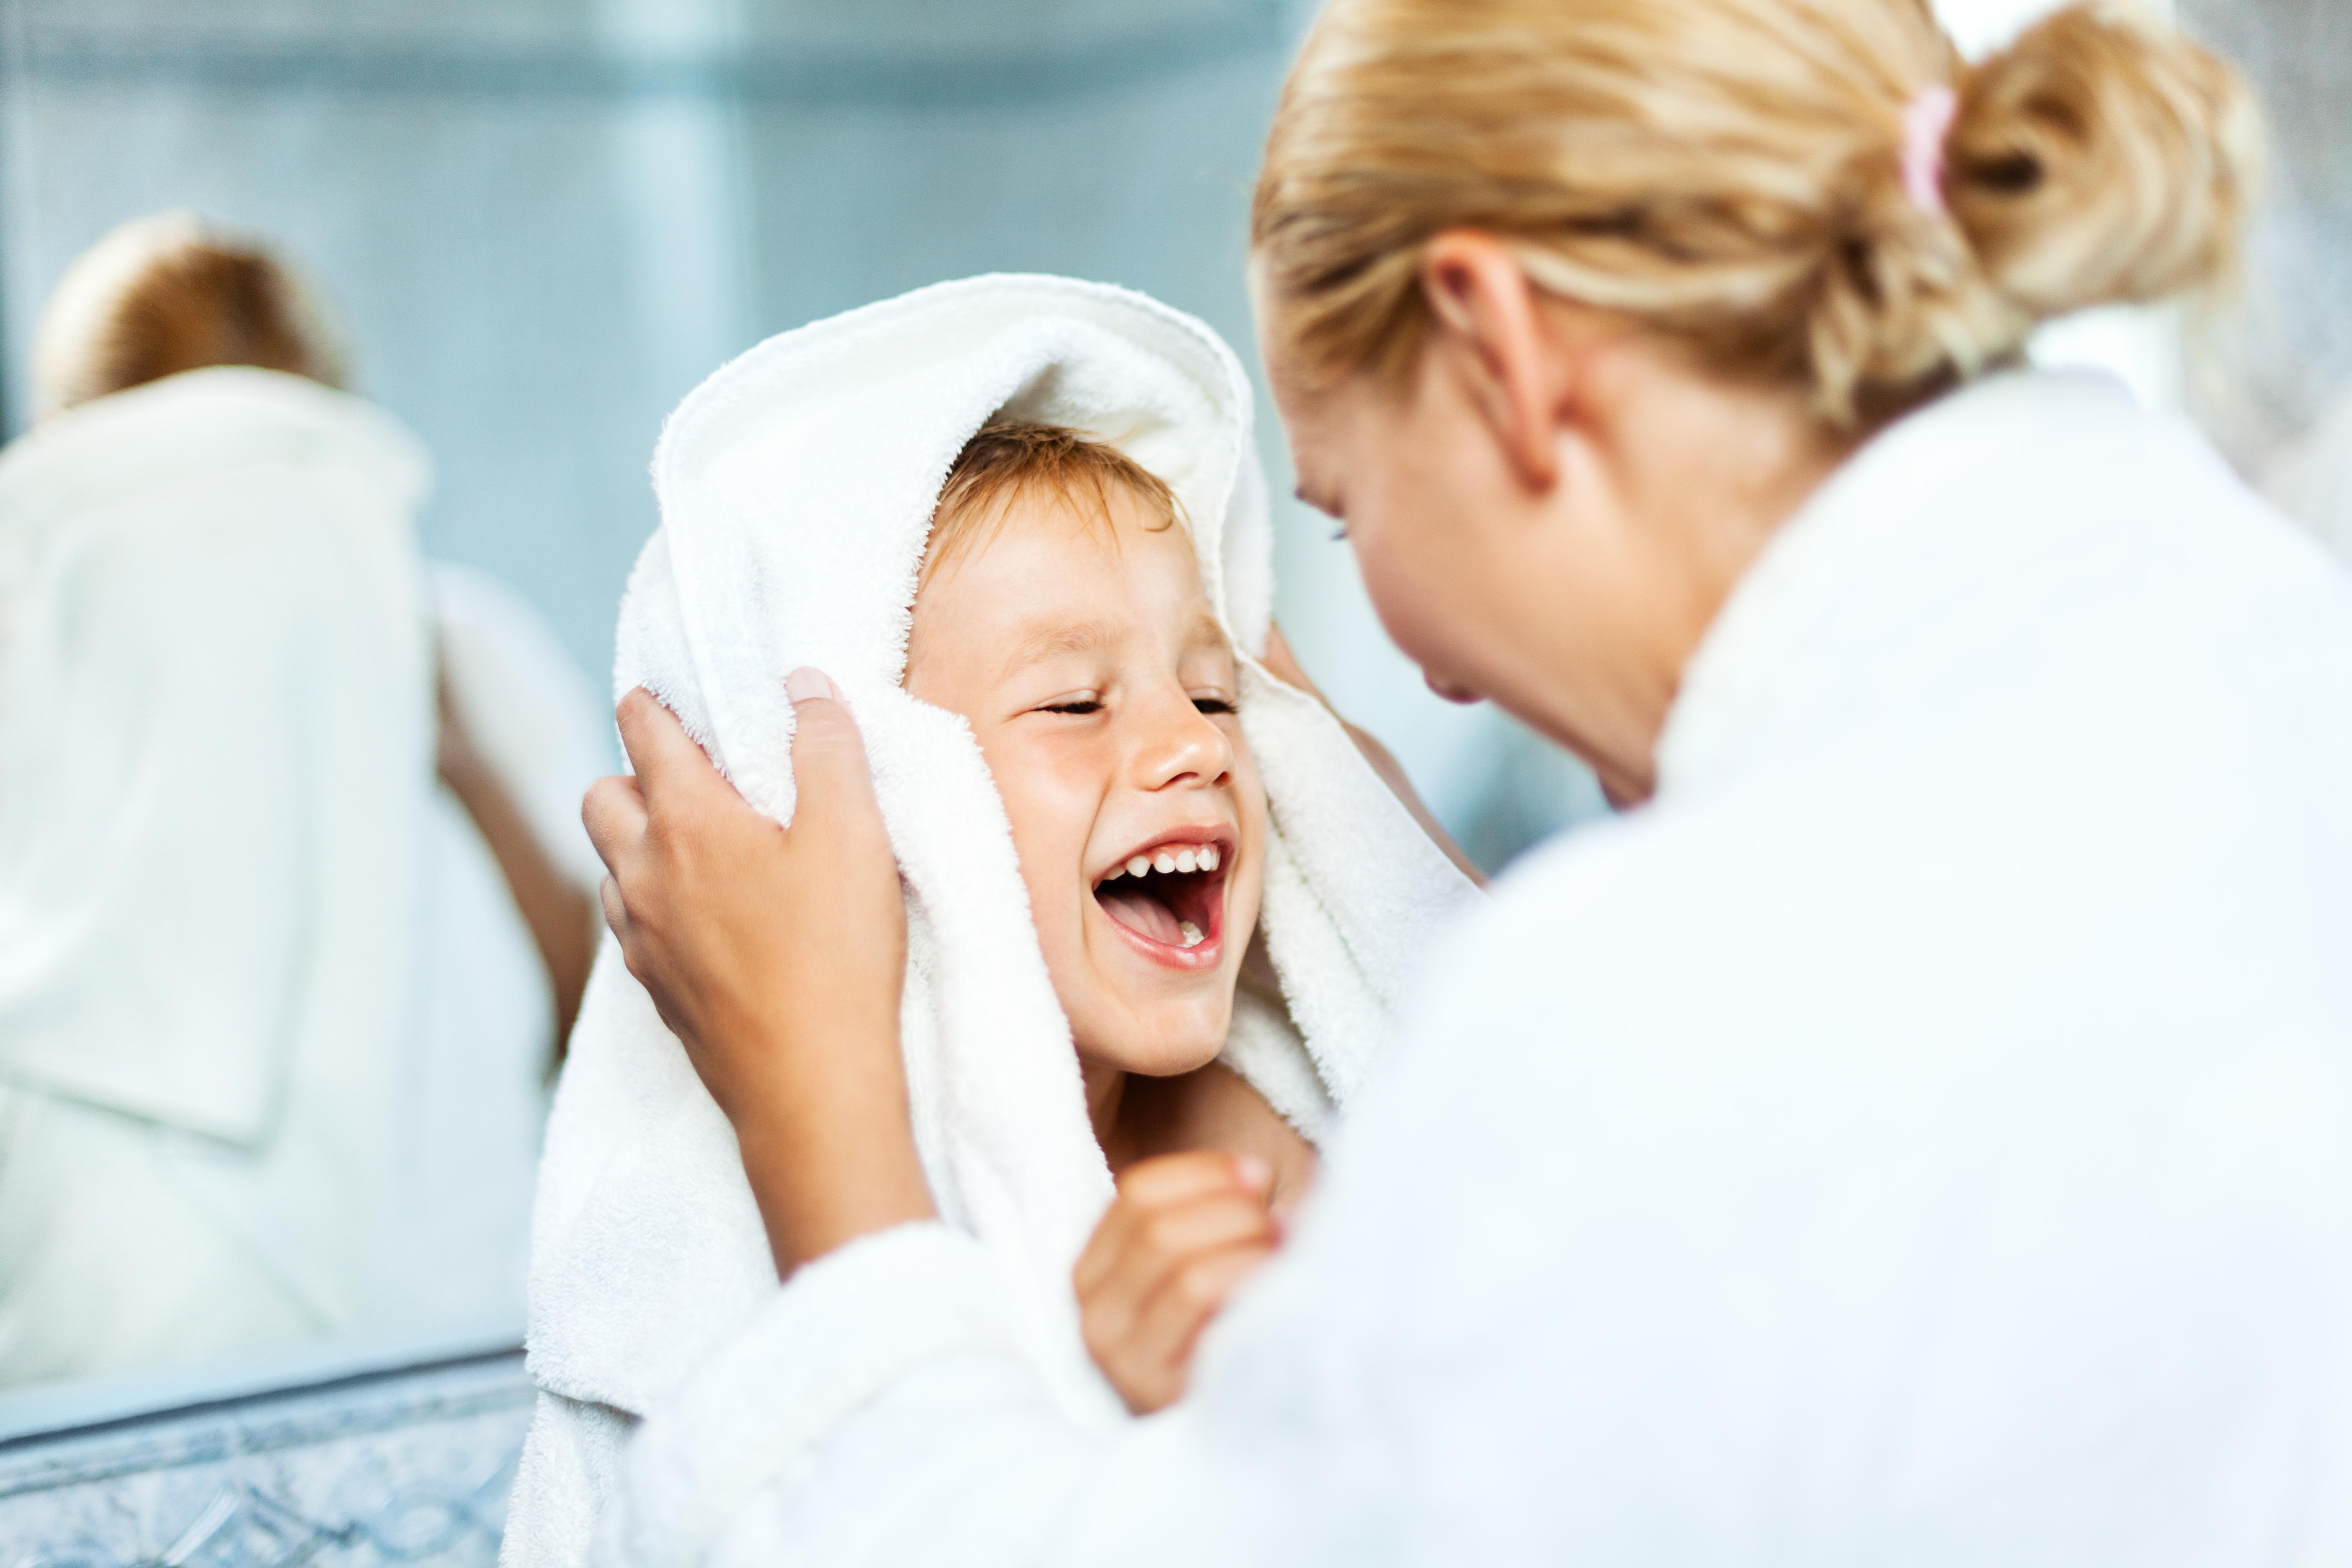 Tomar ou não banho com seu filho?